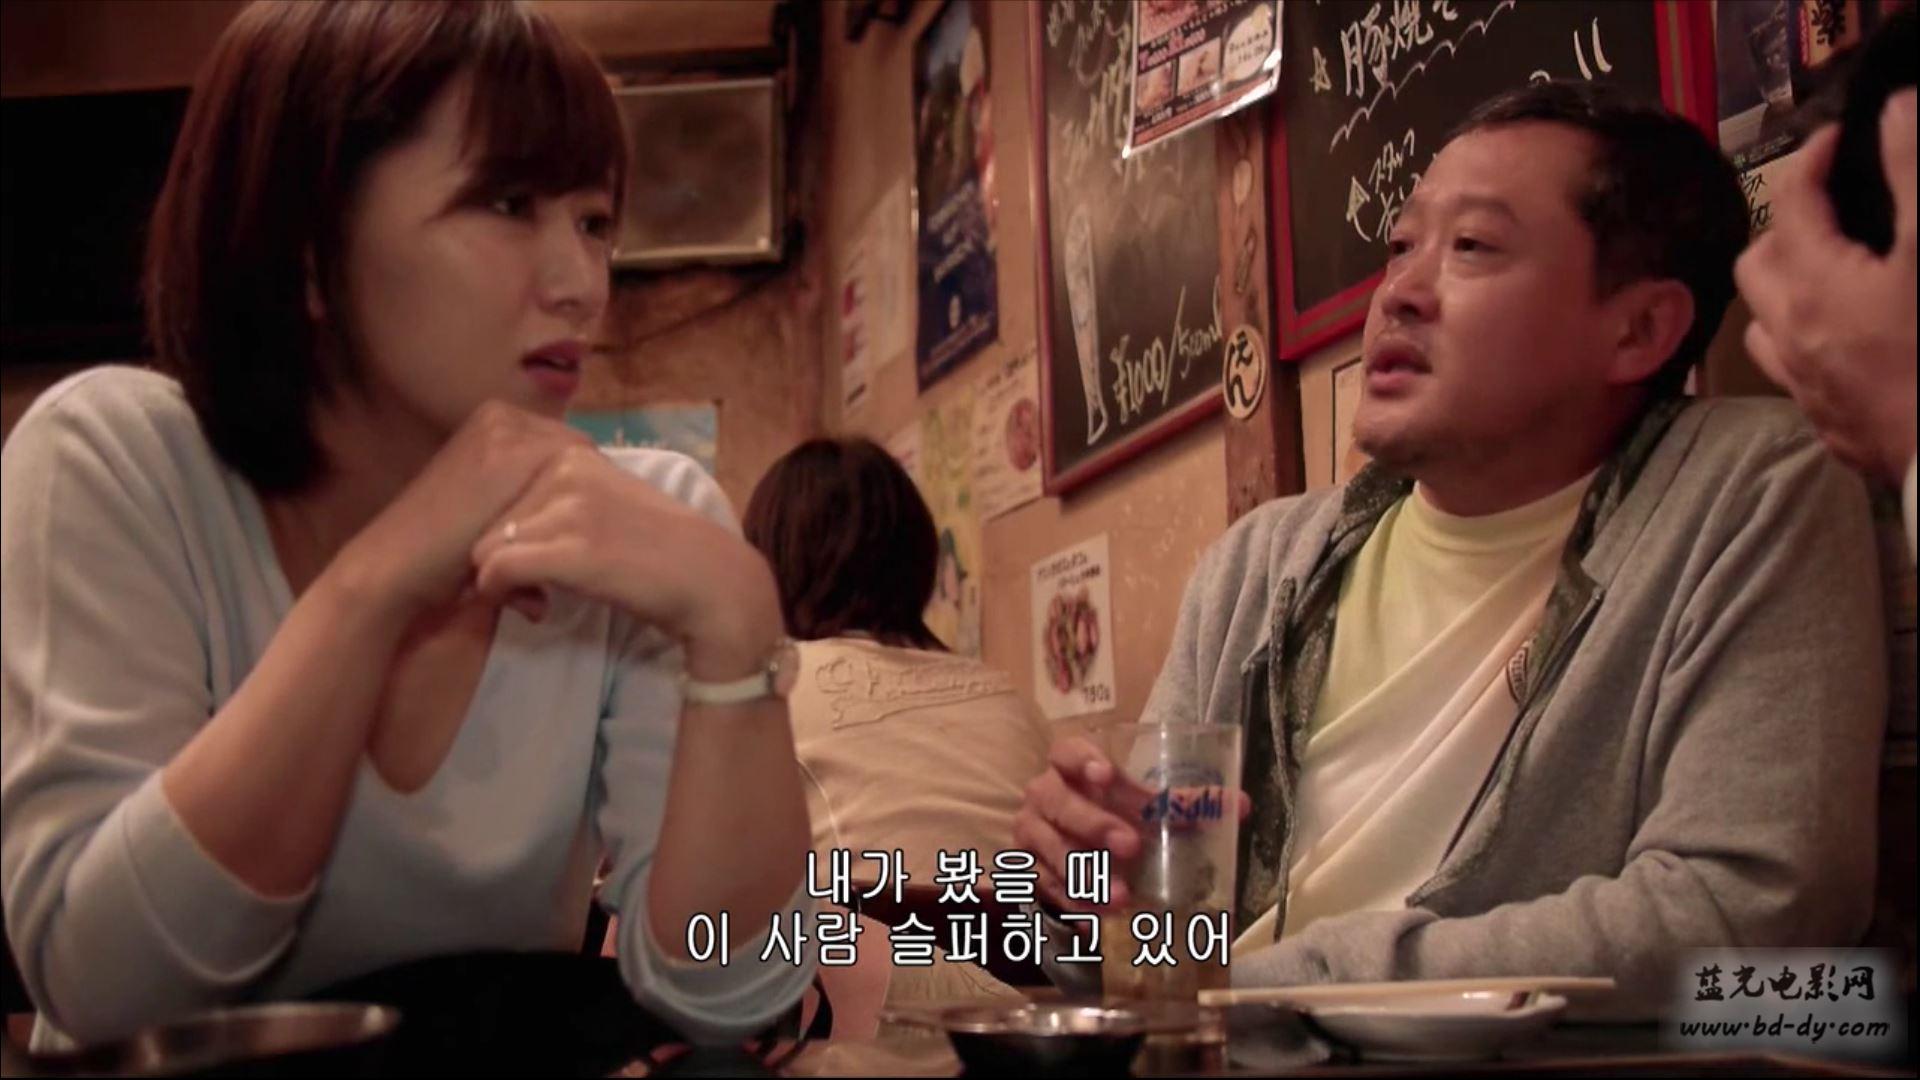 《兄弟的女人》2016韩国限制级.无删减.HD720P.韩语无字截图;jsessionid=2Mdr-8ky4pIrixqcM5BDw8uPWGI1BNBpBgEaVo_r